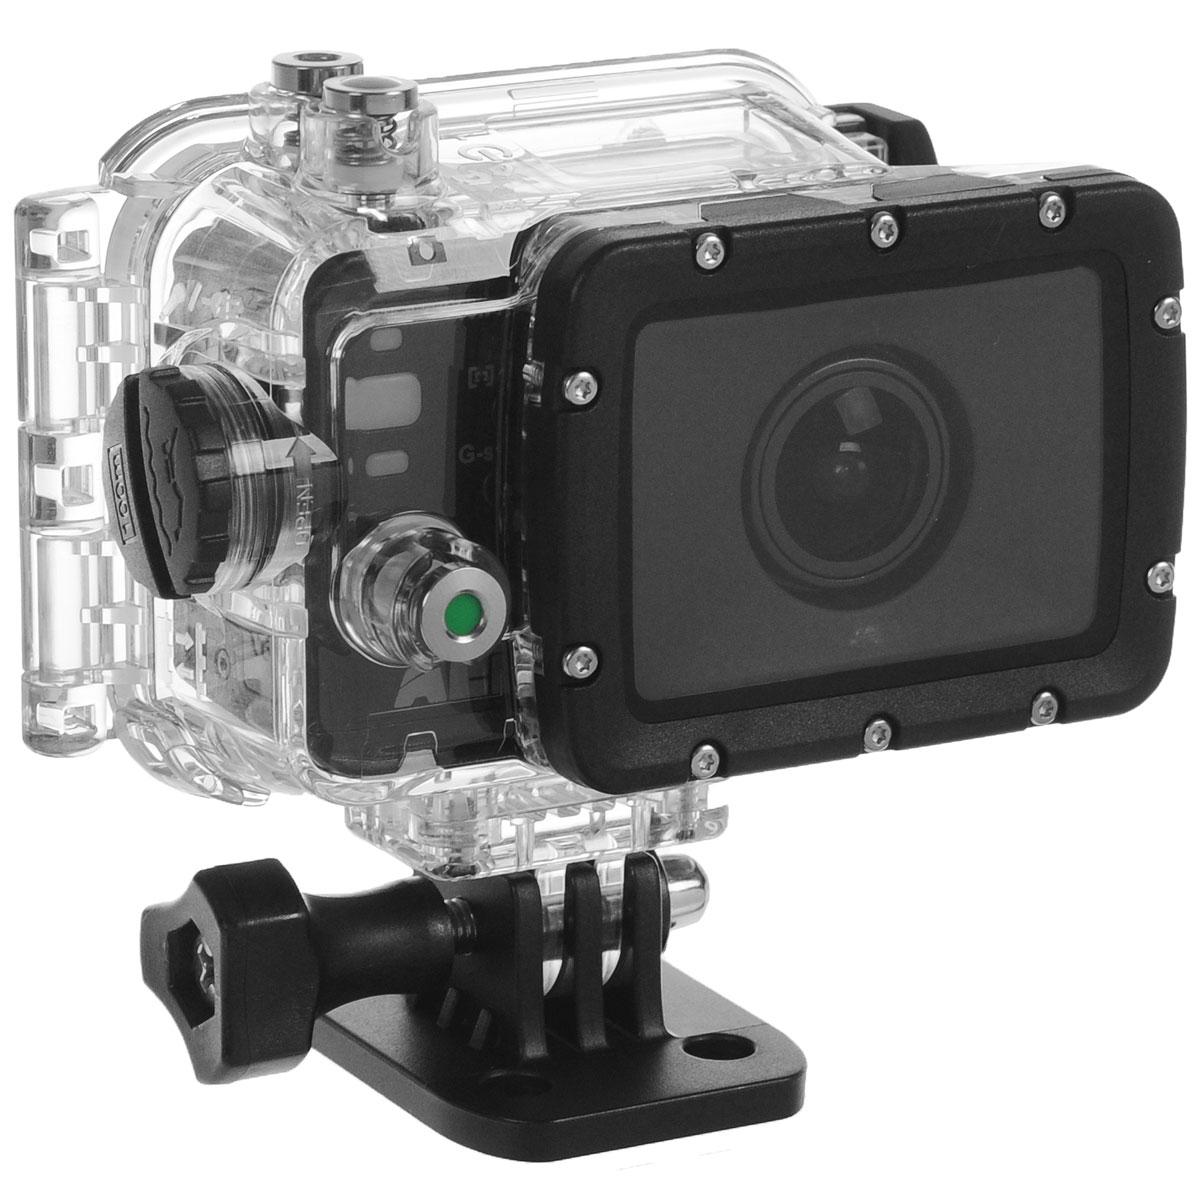 AEE S50+ Magicam экшн-камераS50+AEE экшн-камера S50+ - это революционное решение среди камер для экстремальной съемки. Принципиально новый и современный дизайн, повышенный уровень эргономики, качество съемки Full HD позволяют записать видеоролик, который передаст атмосферу даже самого опасного приключения!Разрешение фотосъемки: 8 MпиксФормат изображений: JPEGСъемная литиевая батарея: 1500мAч, что обеспечивает до 2.5 часов записи видеоТемпература хранения : -20 - 60°СТемпература эксплуатации : -10 - 50°СВлажность во время эксплуатации: 15-85% относительной влажности